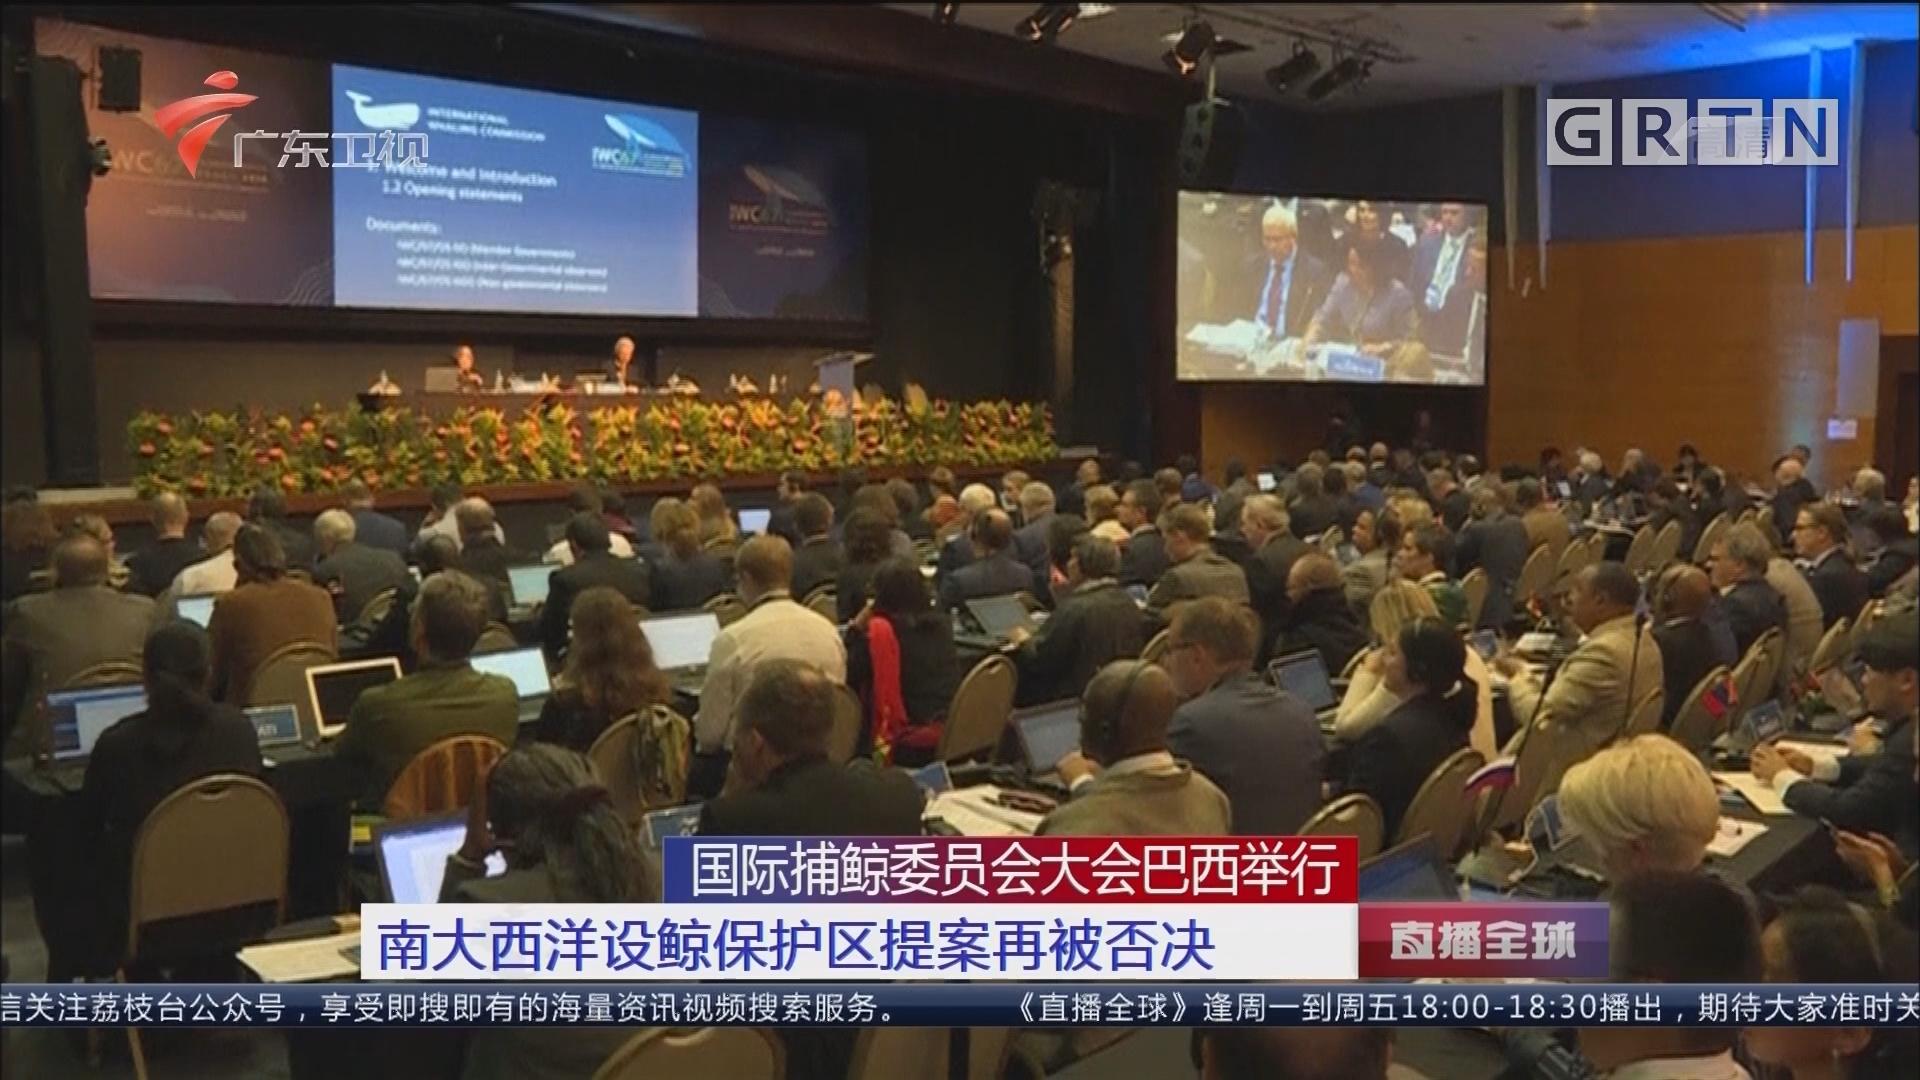 国际捕鲸委员会大会巴西举行:南大西洋设鲸保护区提案再被否决